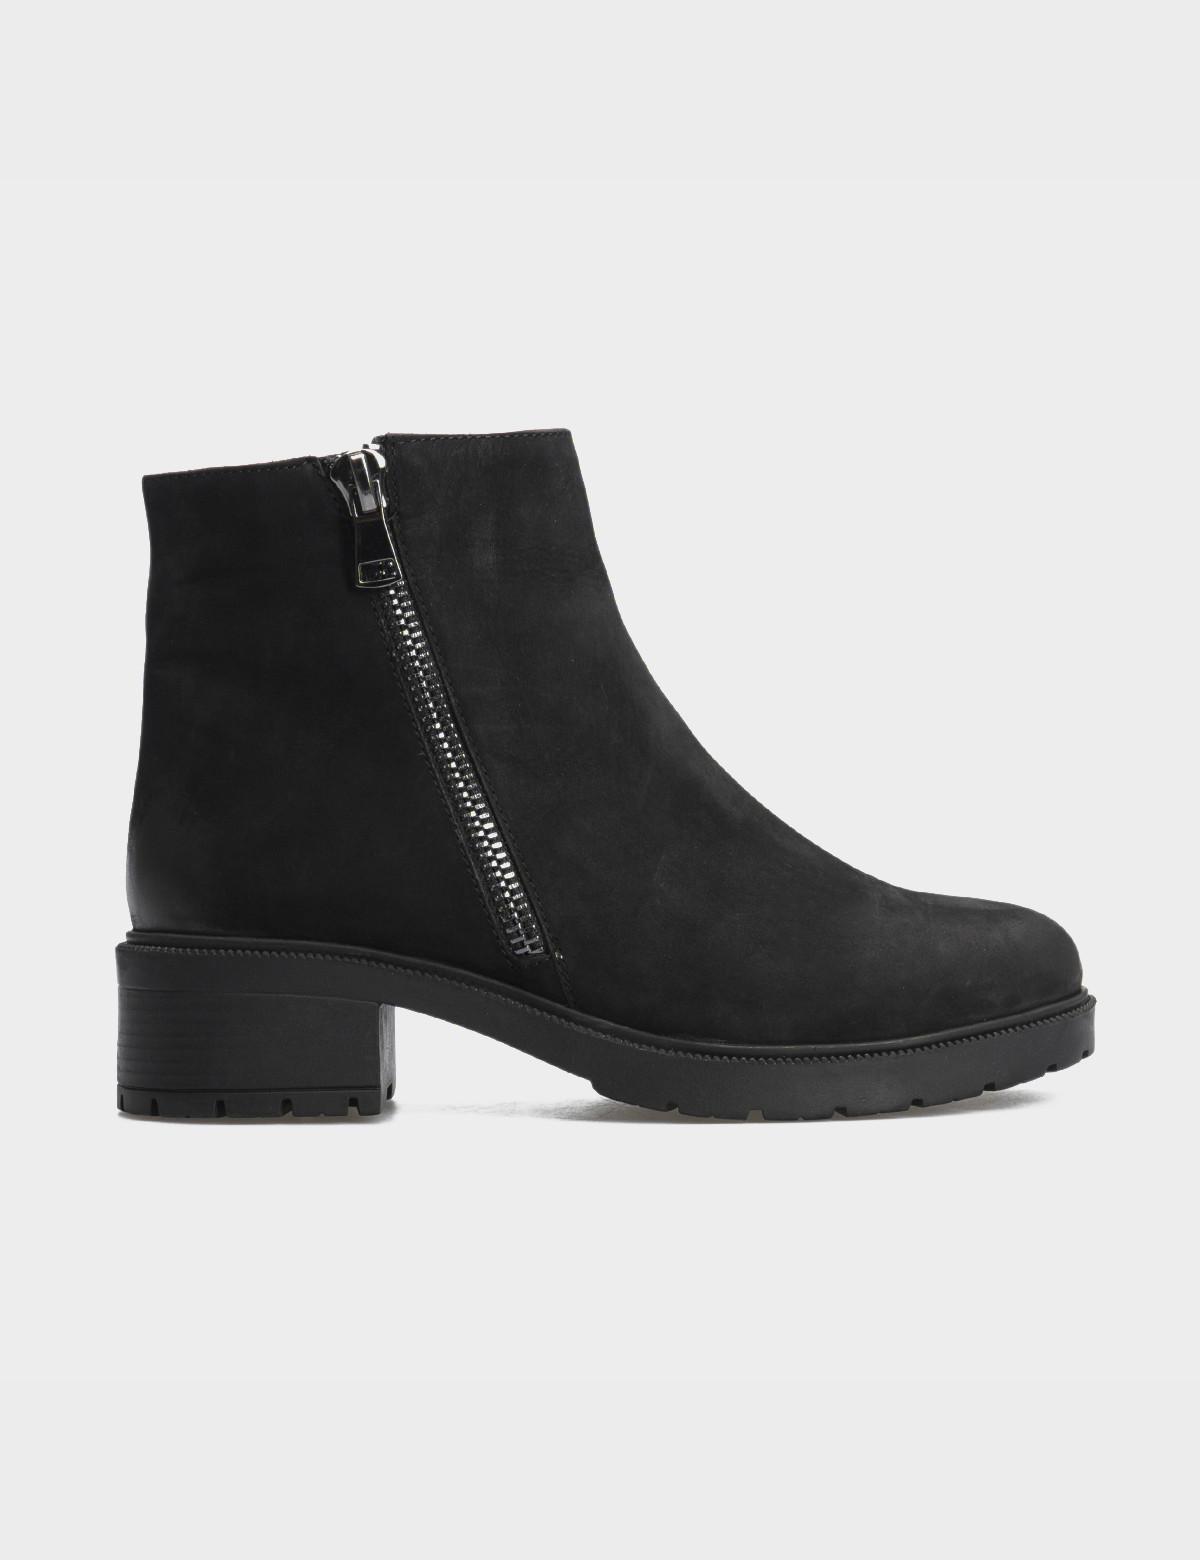 Ботинки черные натуральный нубук. Шерсть